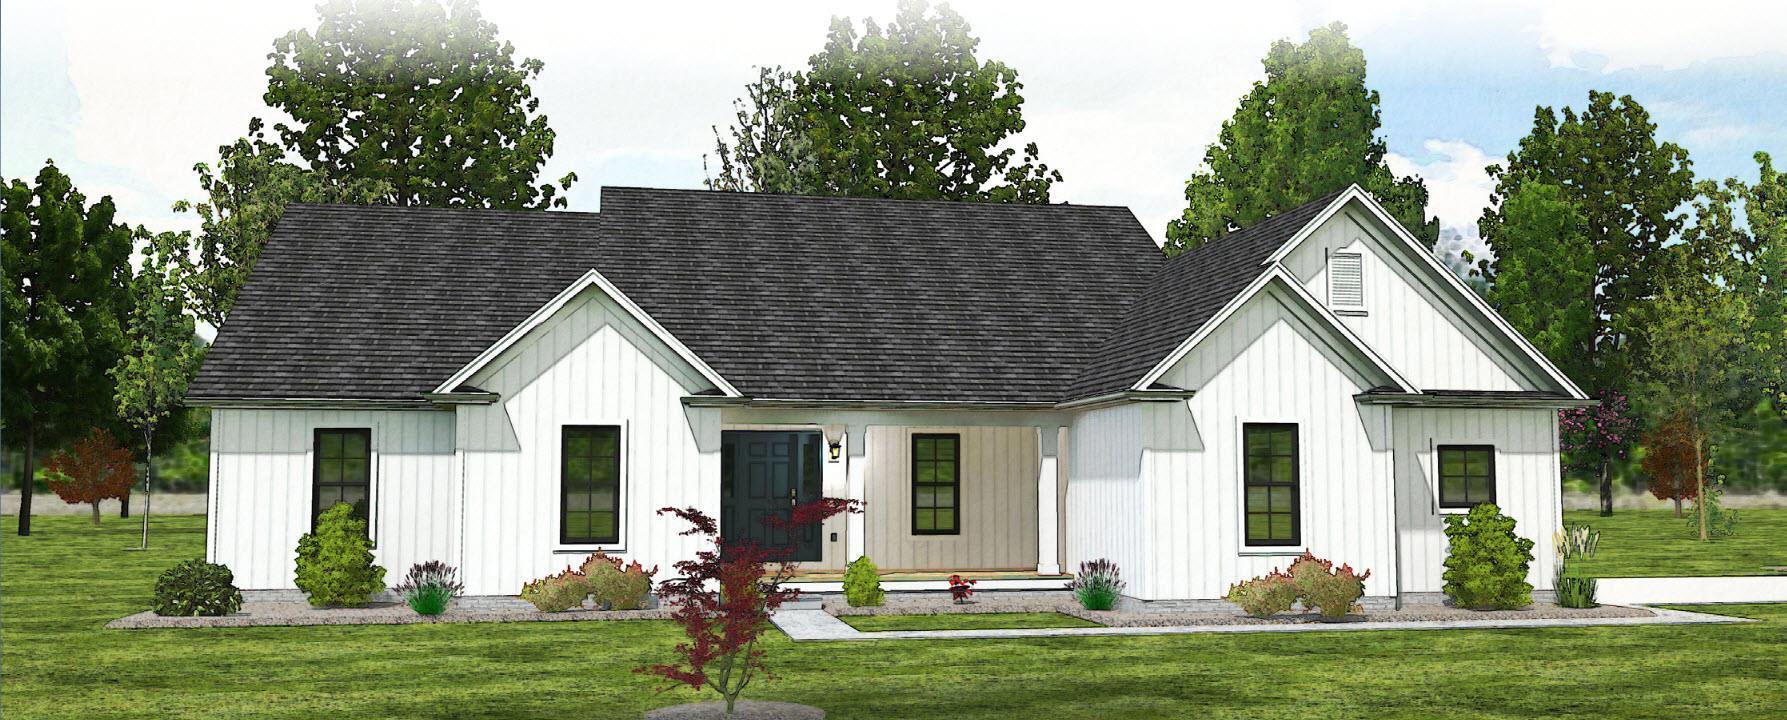 The Clark - Farmhouse:Elevation